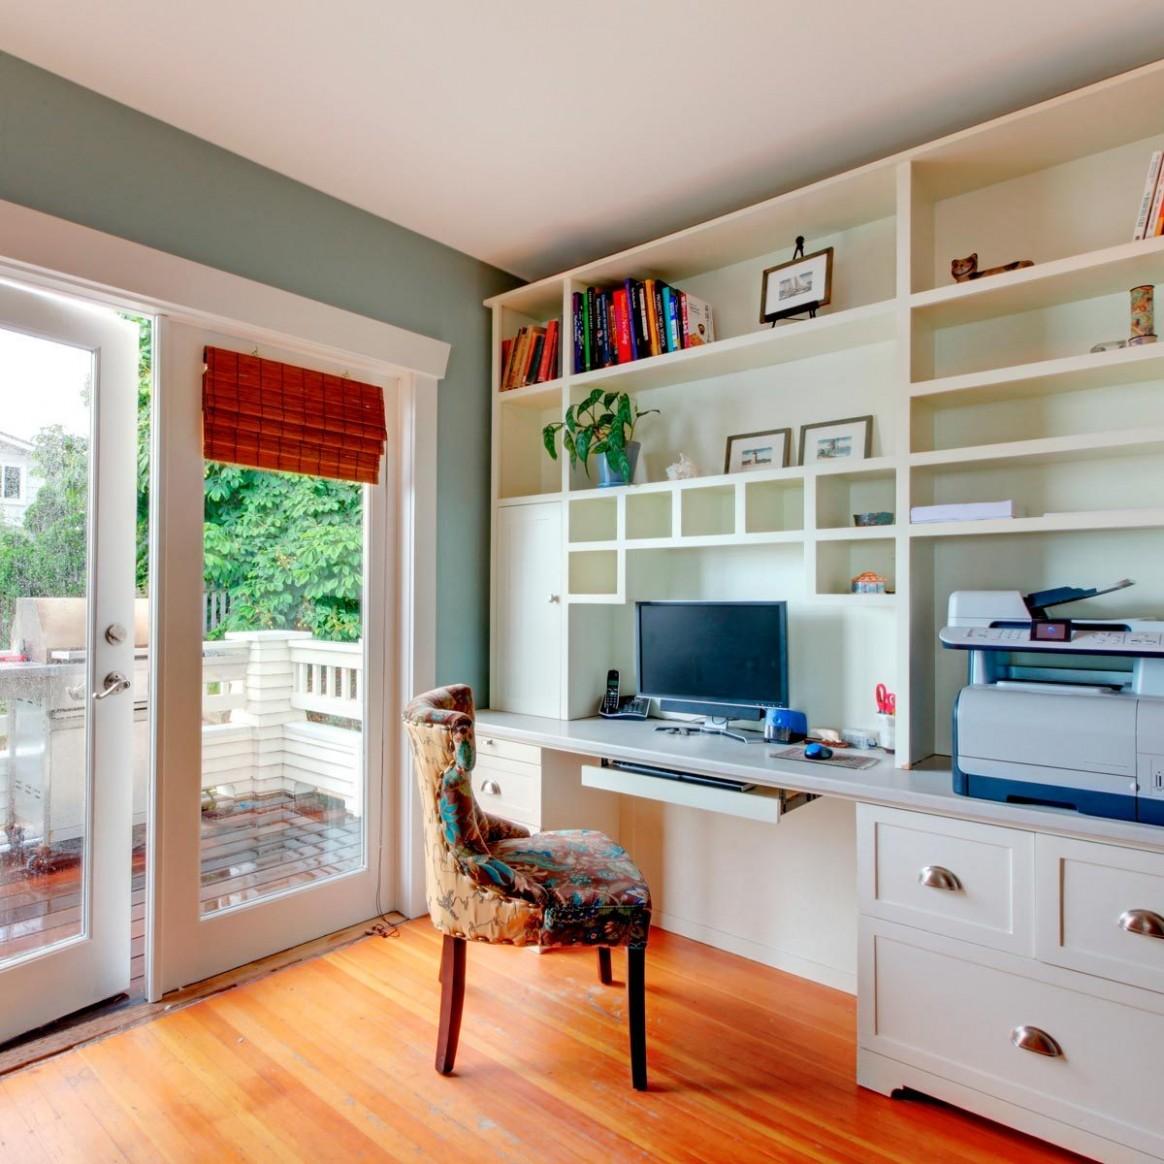 Alternative Formal Dining Room Ideas  Family Handyman - Dining Room Alternative Ideas